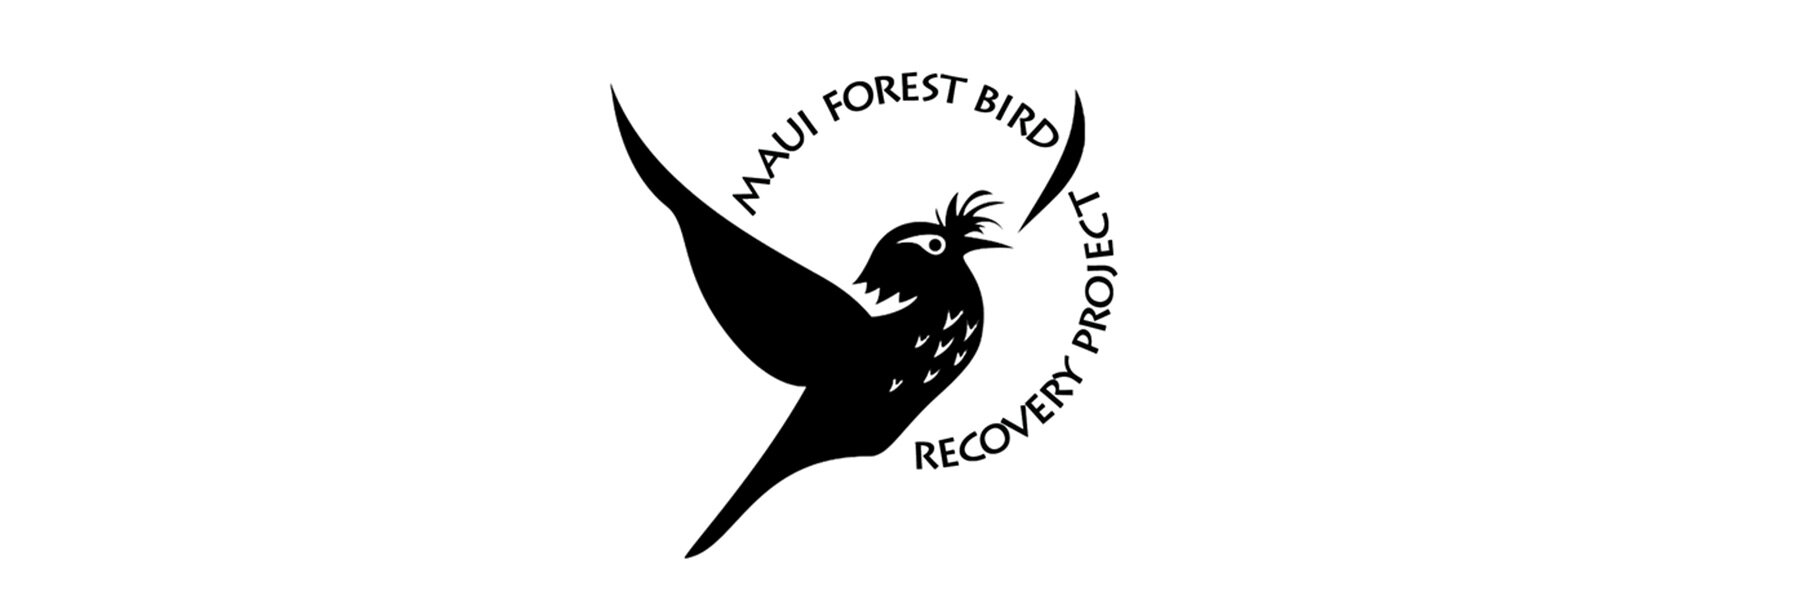 MFBRP-Logo.jpg